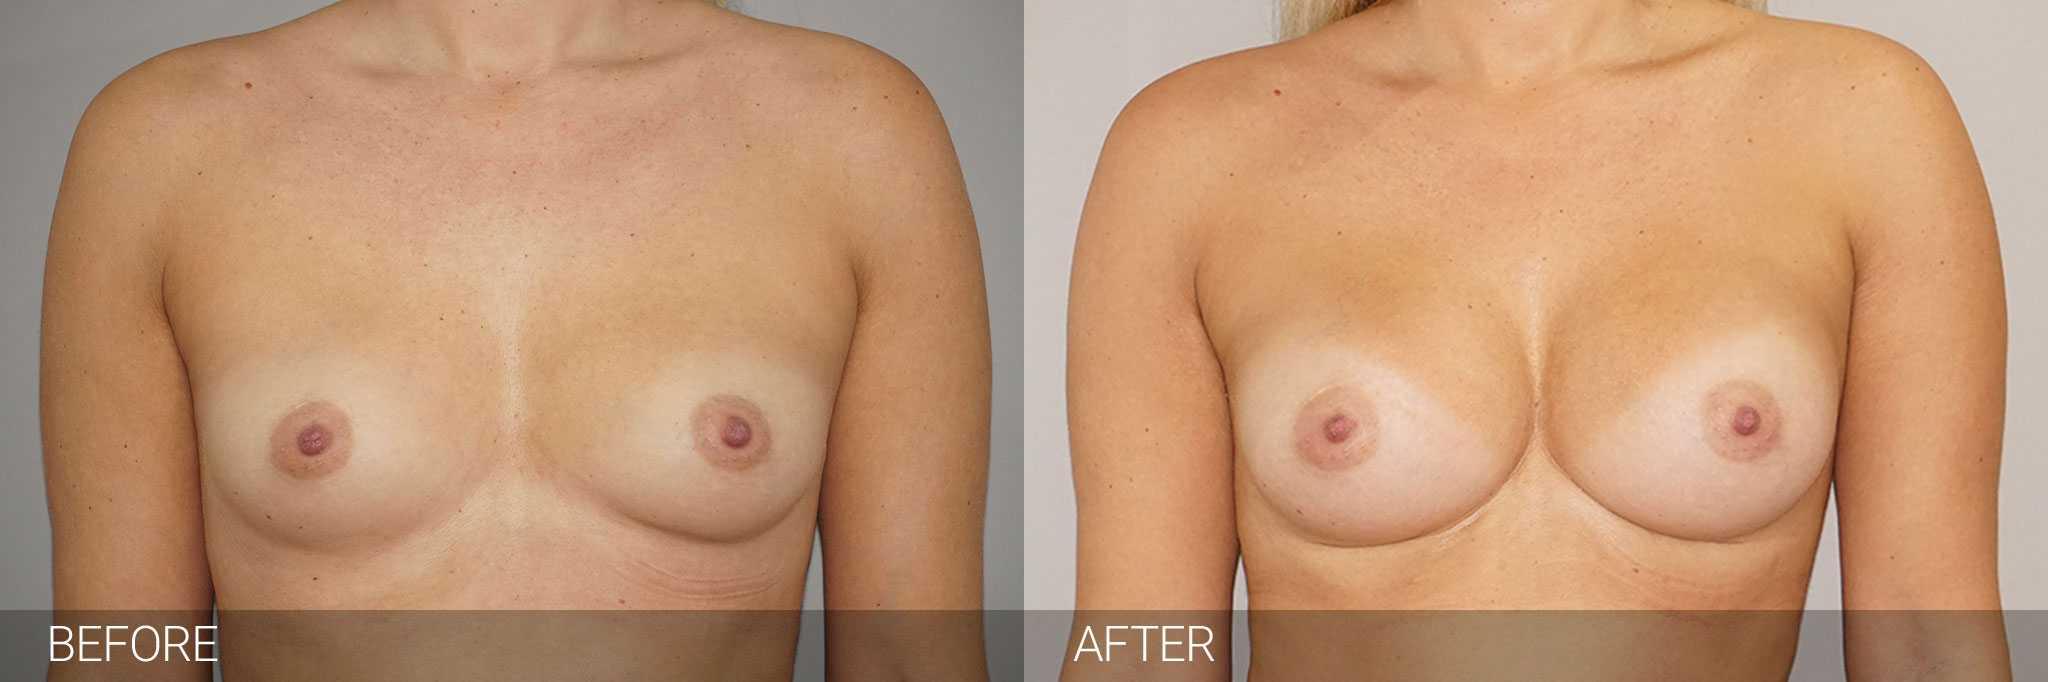 Augmentation mammaire Prothèses mammaires 280cc profil haut ante/post-op I